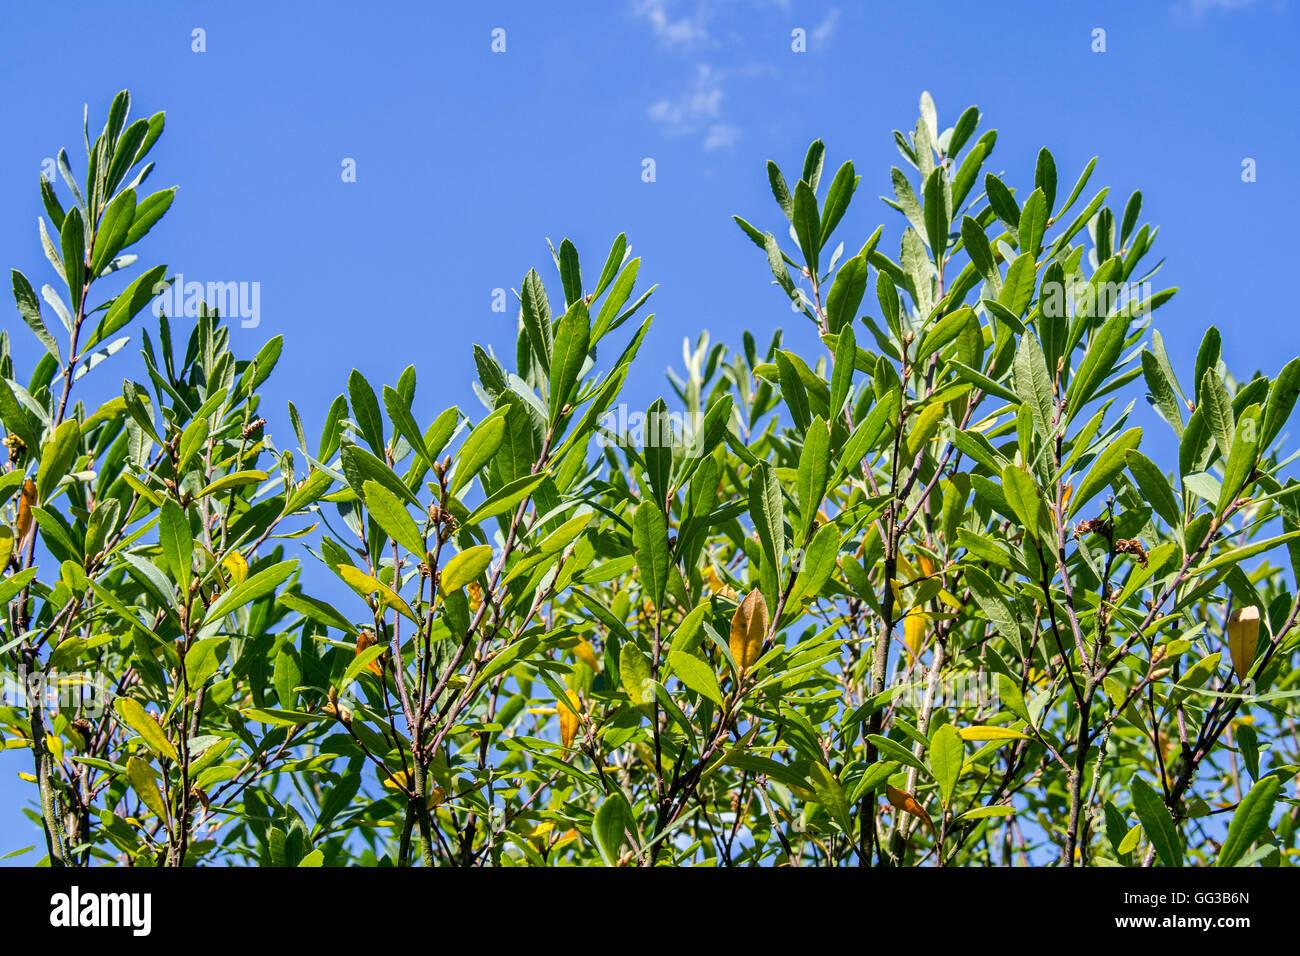 Bog-myrtle / sweetgale (Myrica gale / Gale palustris) foliage in summer - Stock Image